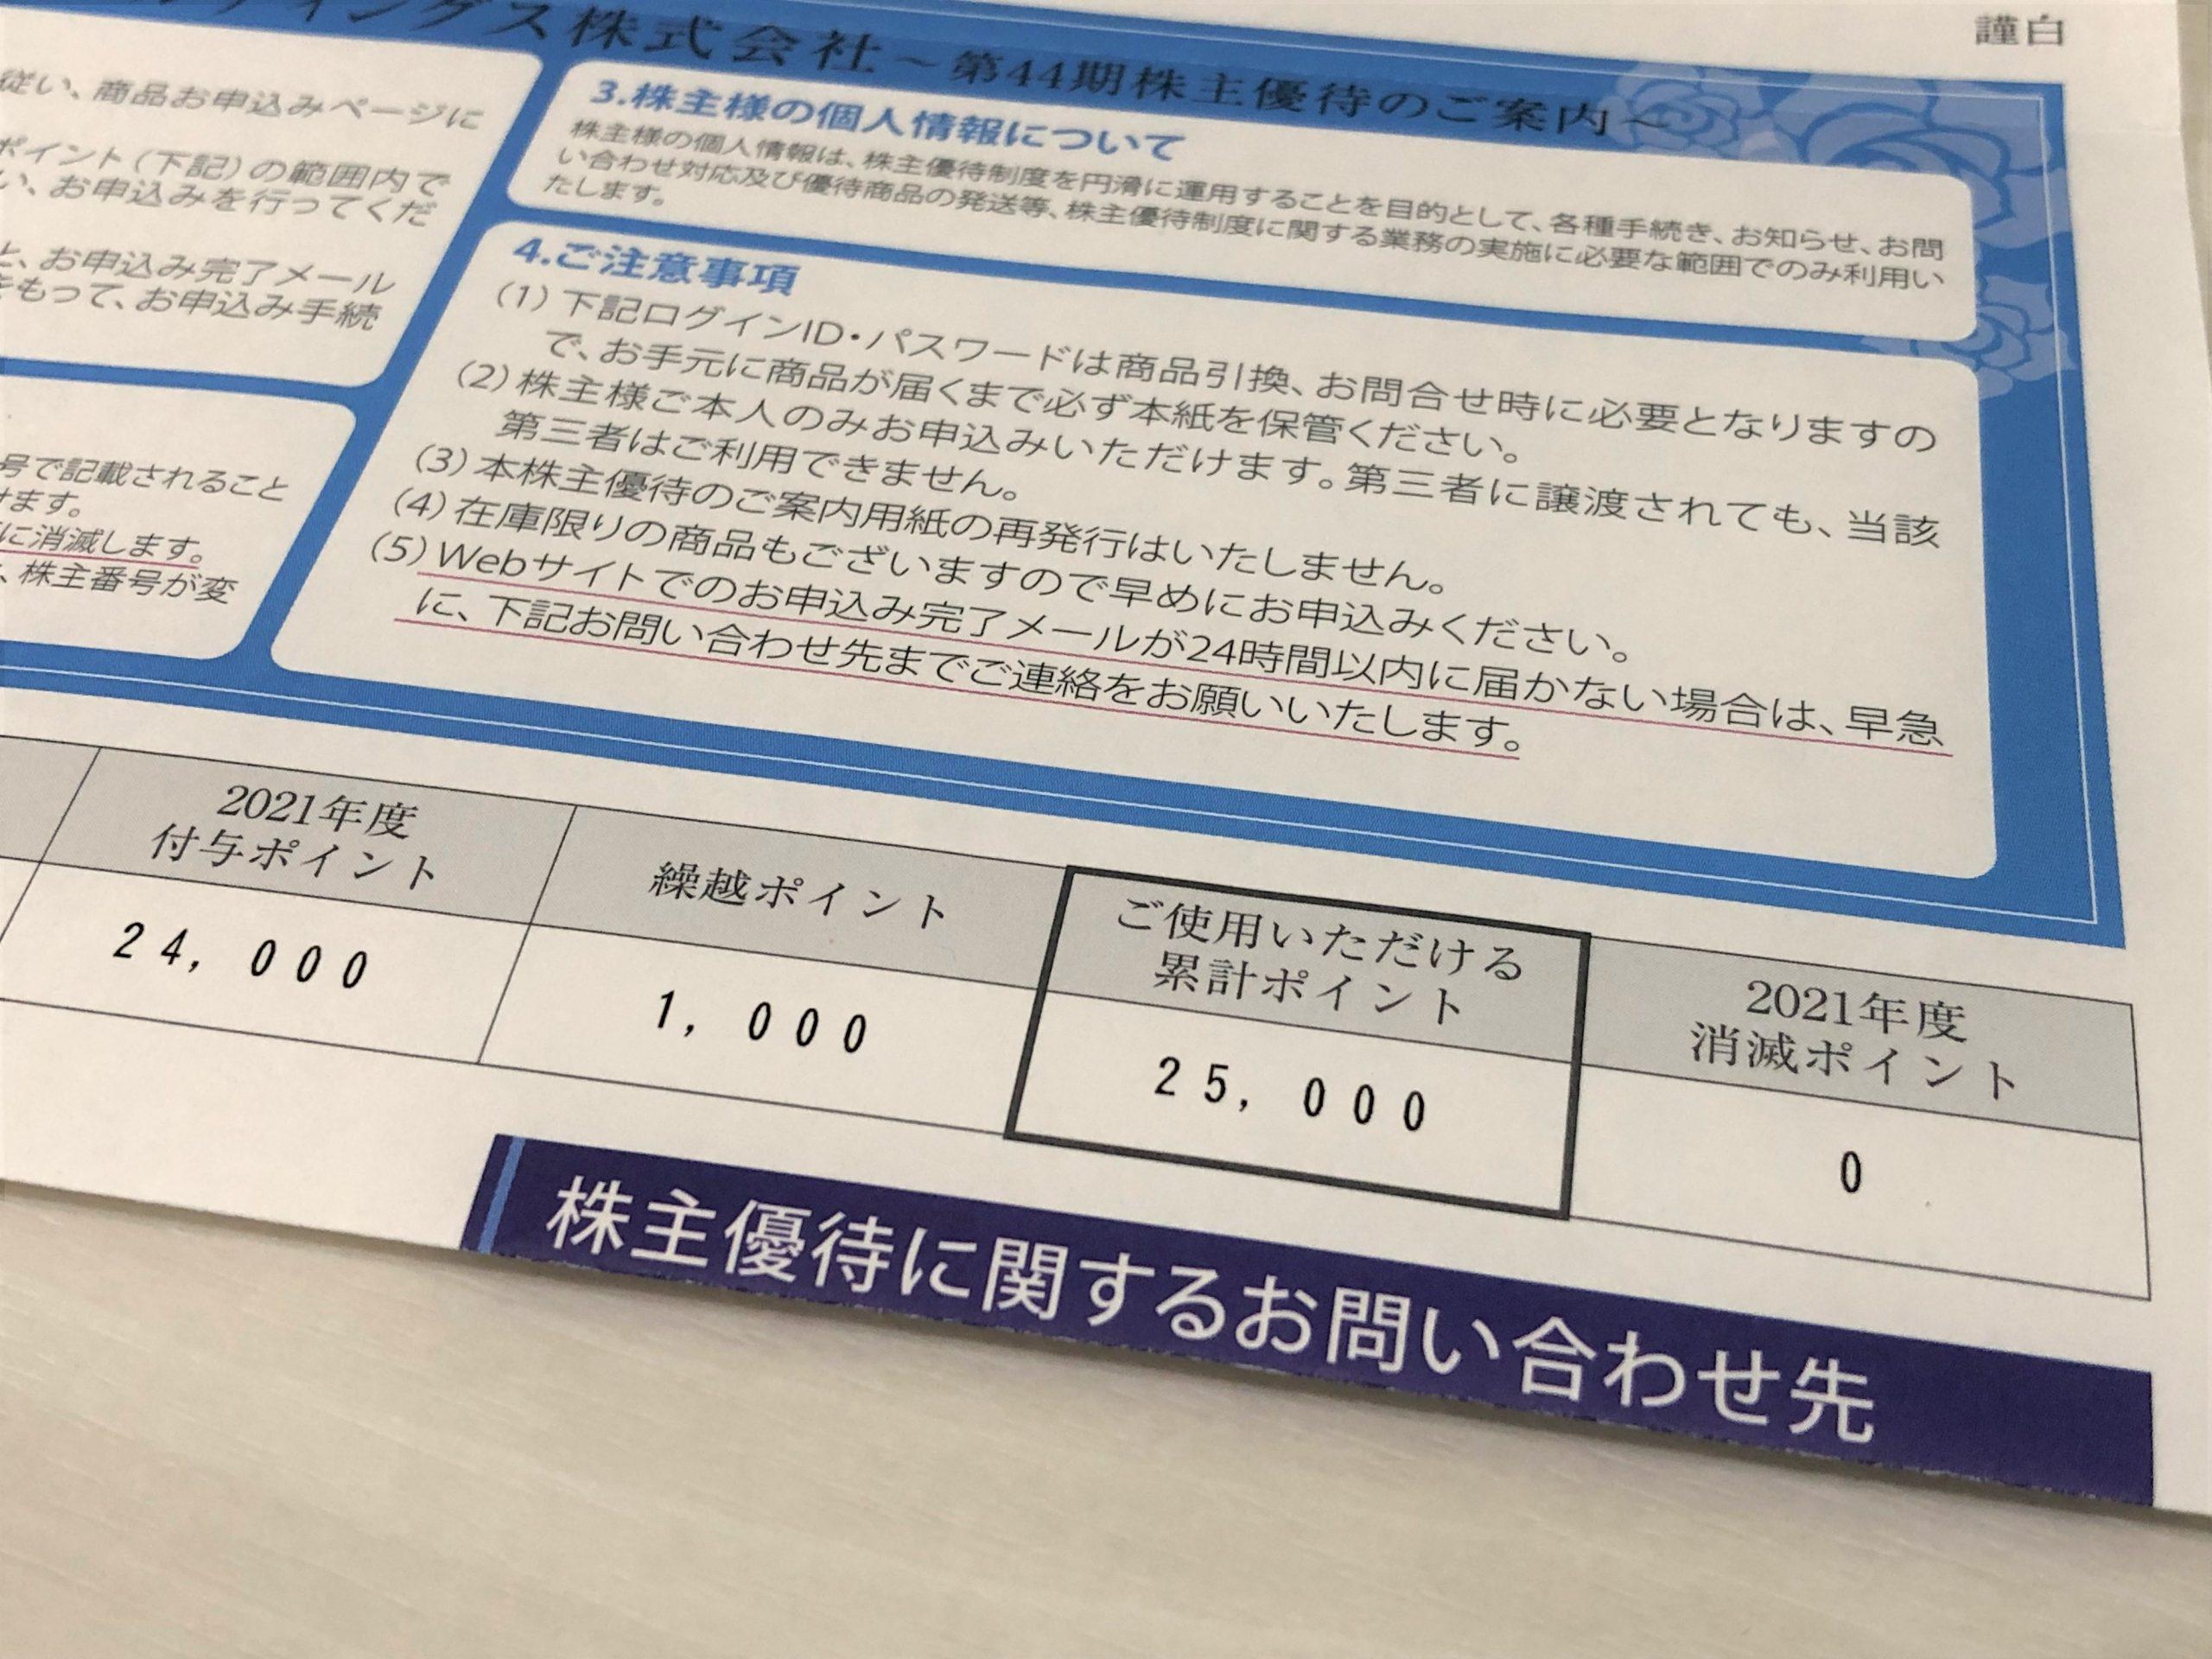 MARUKO マルコ 株主優待ポイント 2021